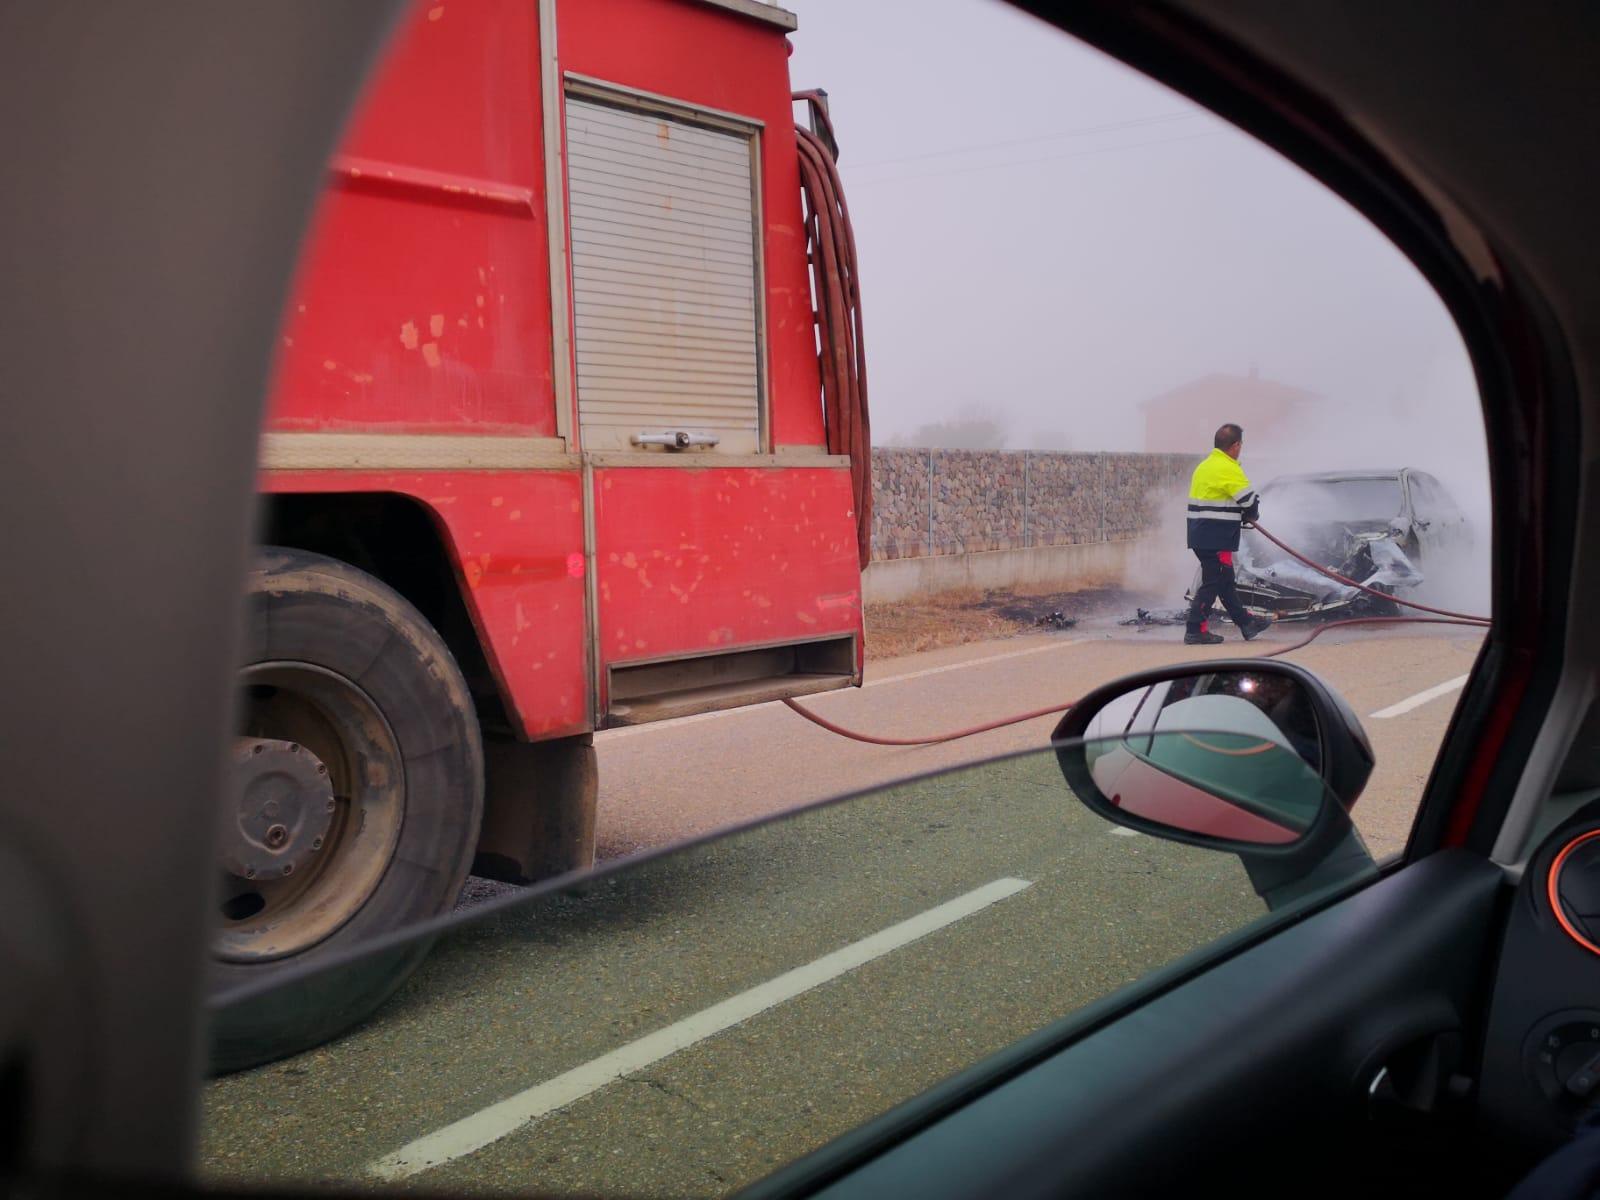 Arde un vehículo en marcha en El Burgo Ranero